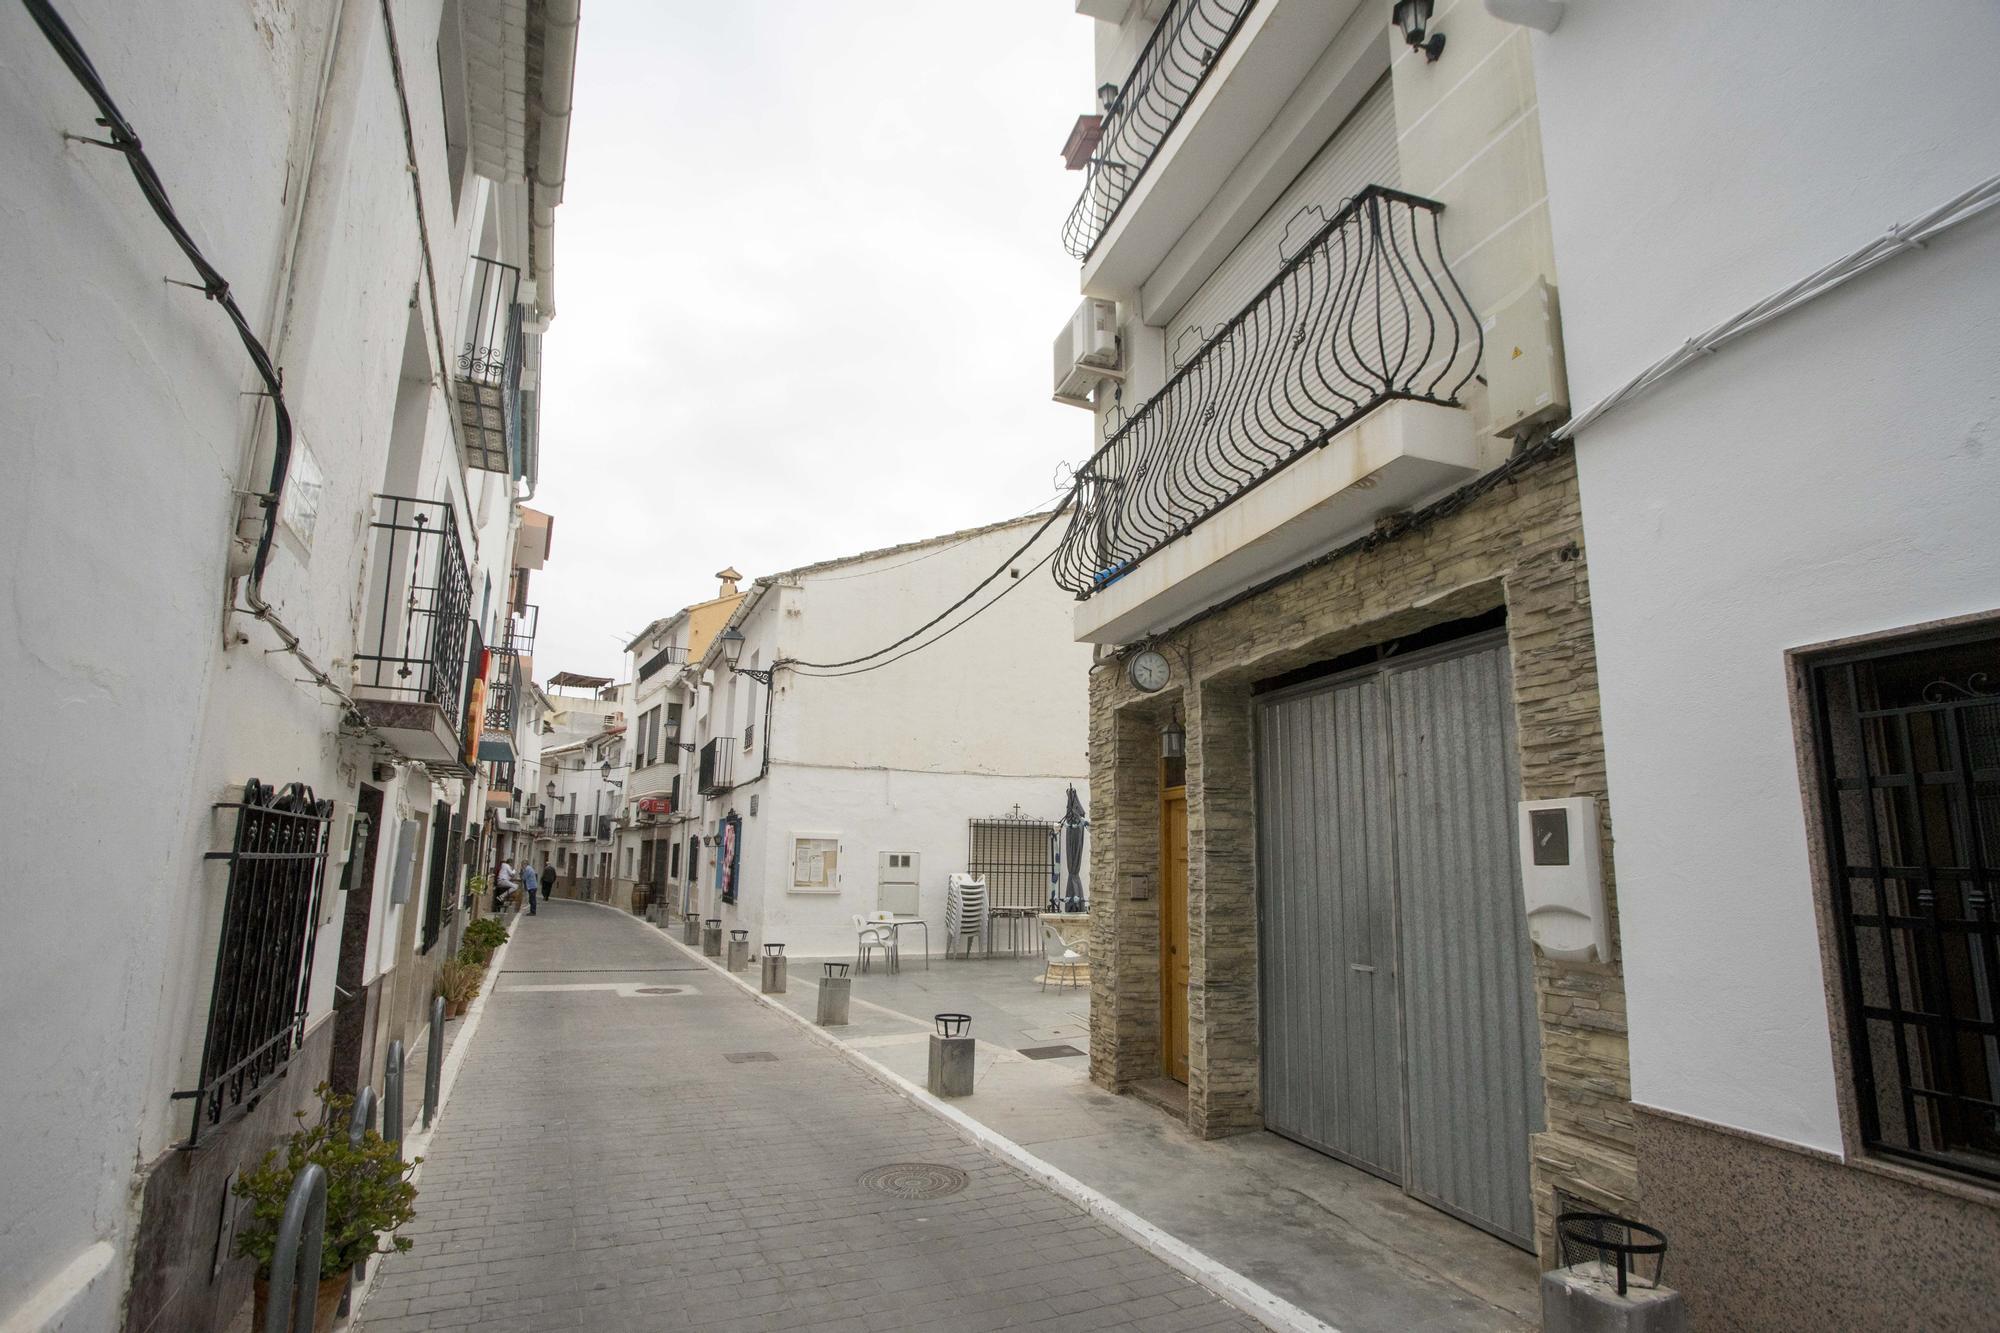 Calles es elegido como el mejor pueblo de España para visitar en familia